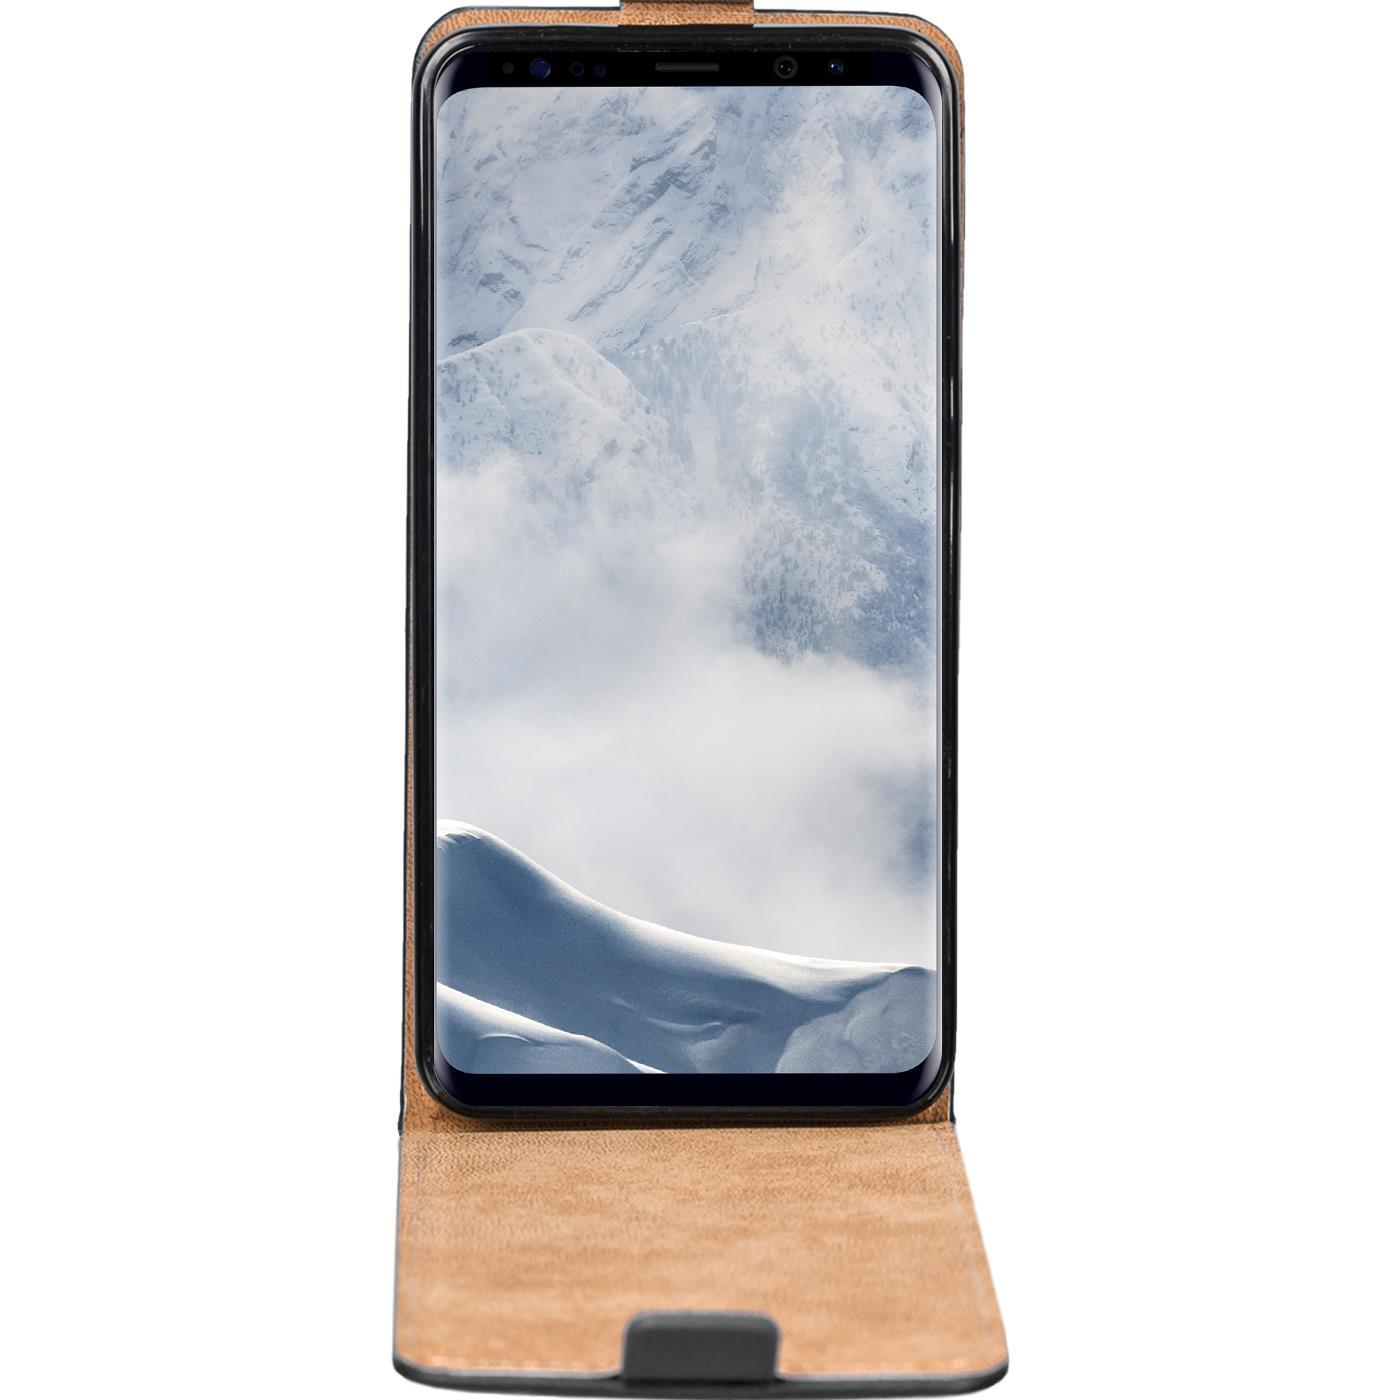 Klapphuelle-Samsung-Galaxy-Flip-Case-Tasche-Schutzhuelle-Cover-Schutz-Handy-Huelle Indexbild 11